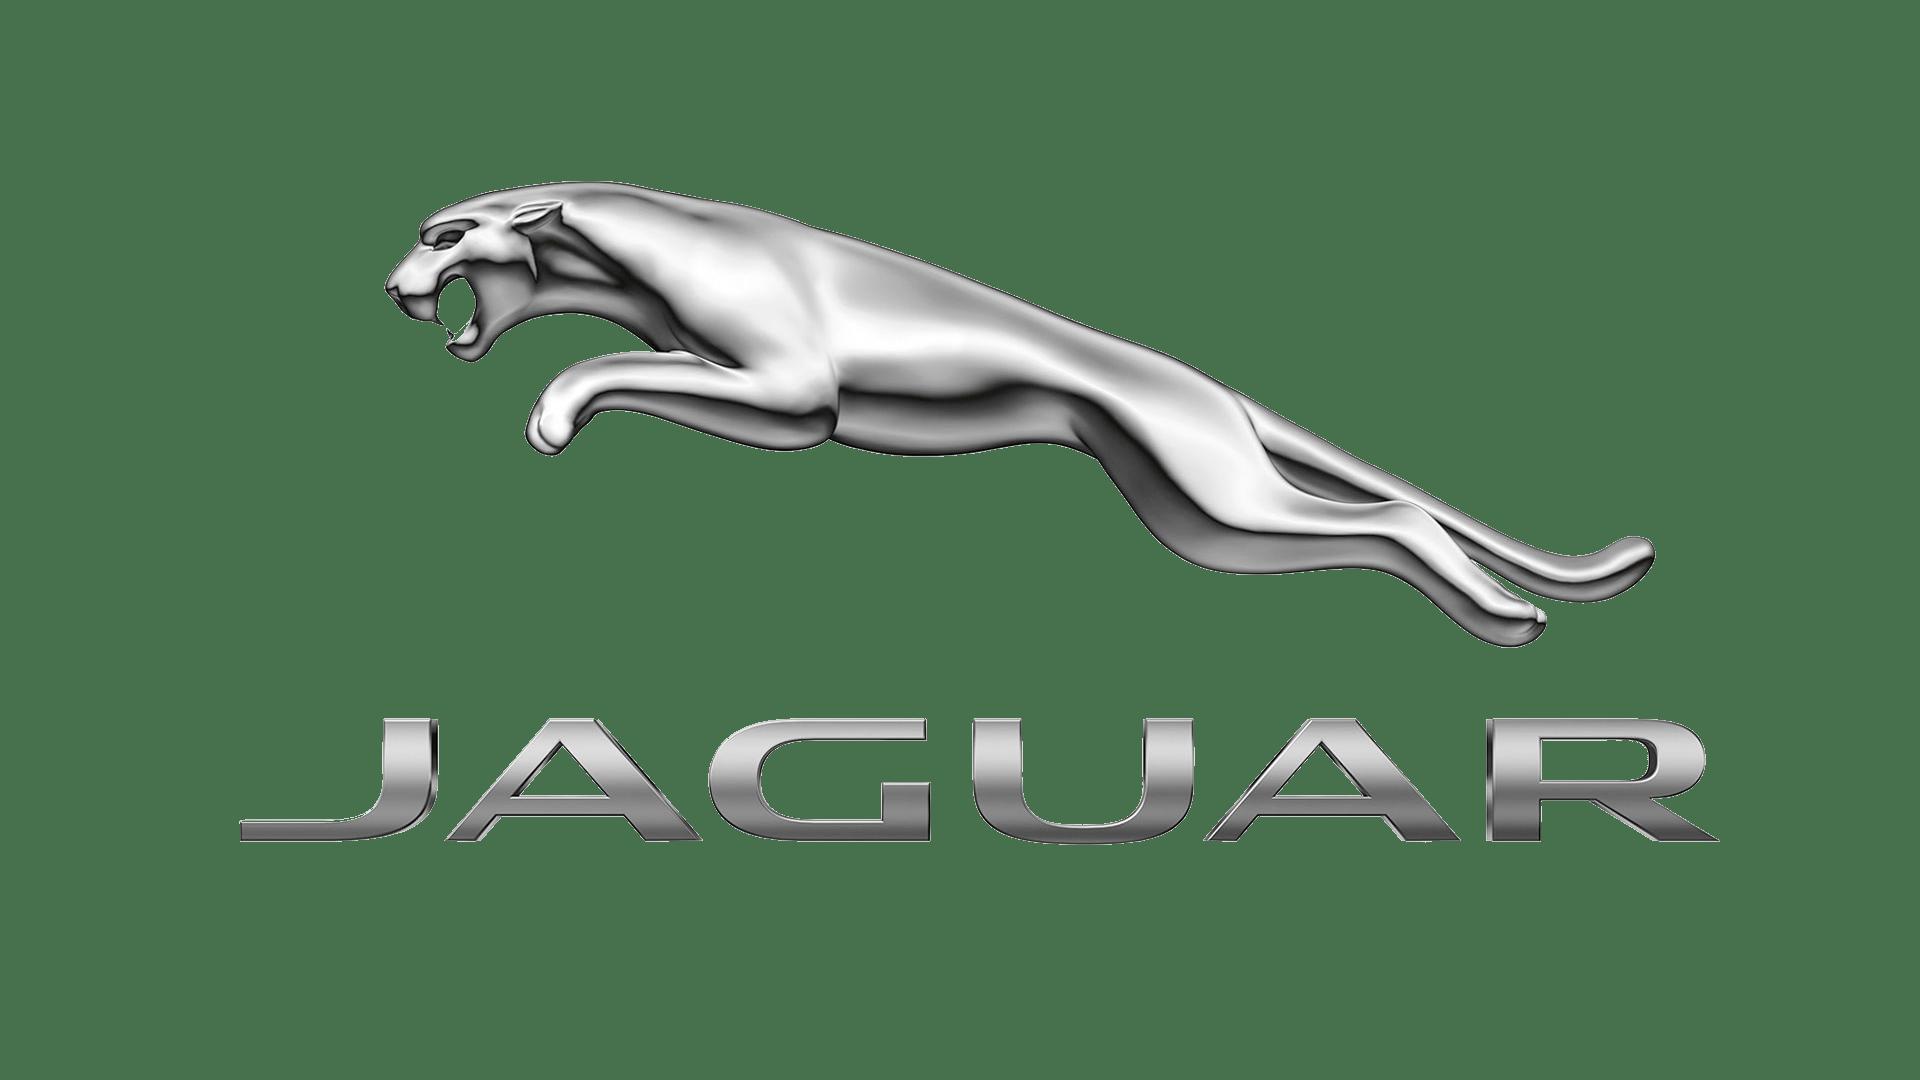 jaguar x type can bus wiring diagram 1954 mg tf pdf 1 194